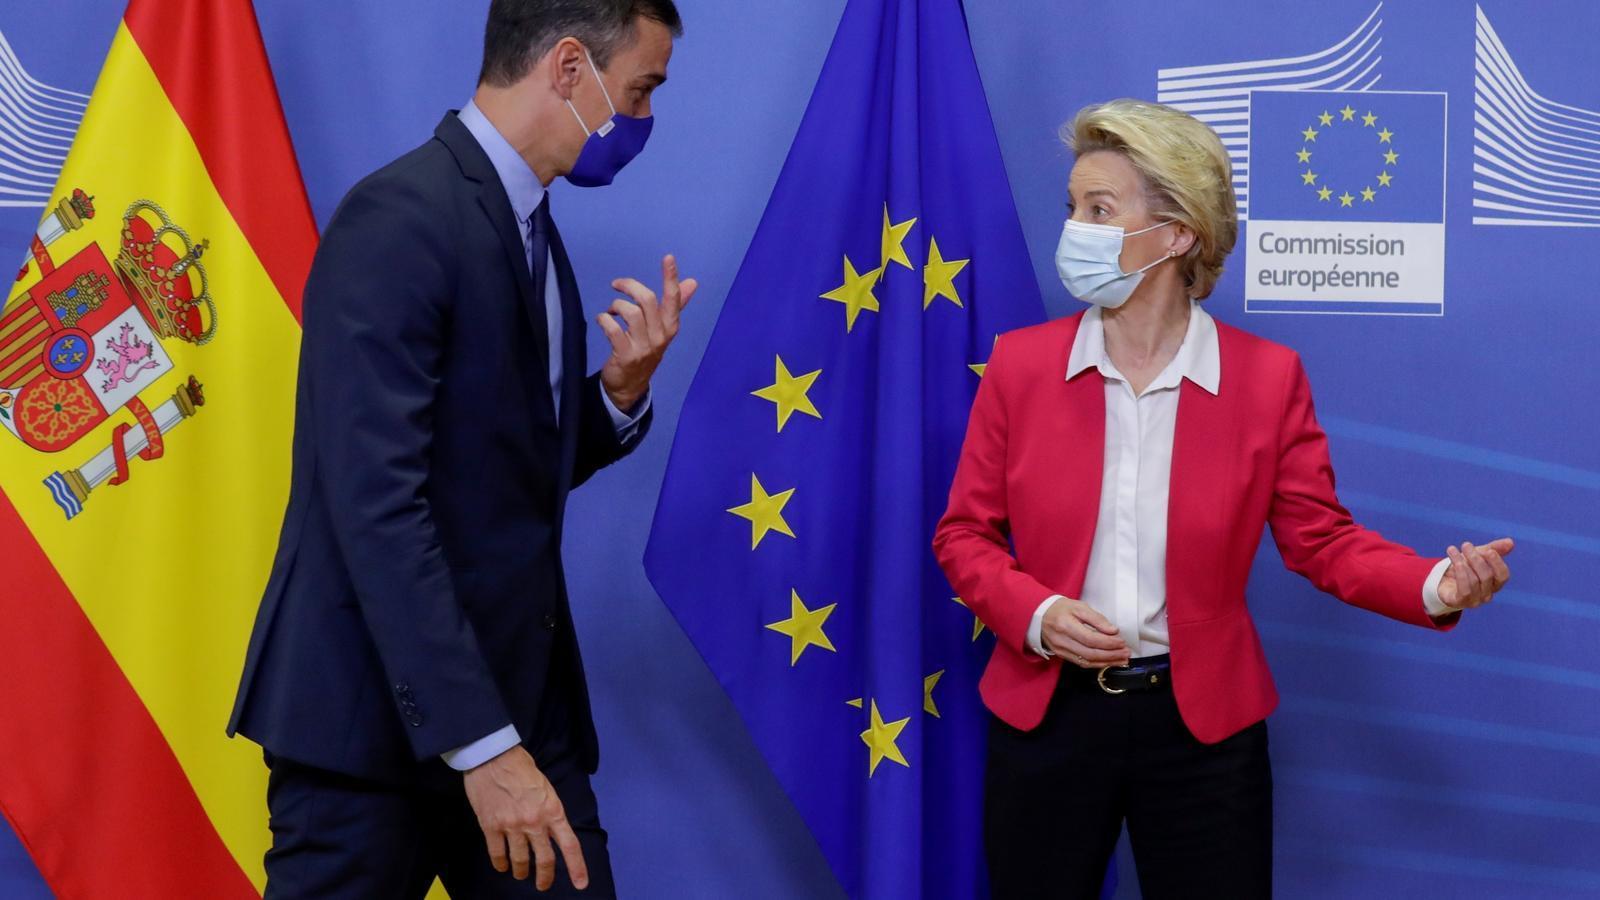 El president espanyol, Pedro Sánchez, amb la presidenta de la Comissió, Ursula Von der Leyen.